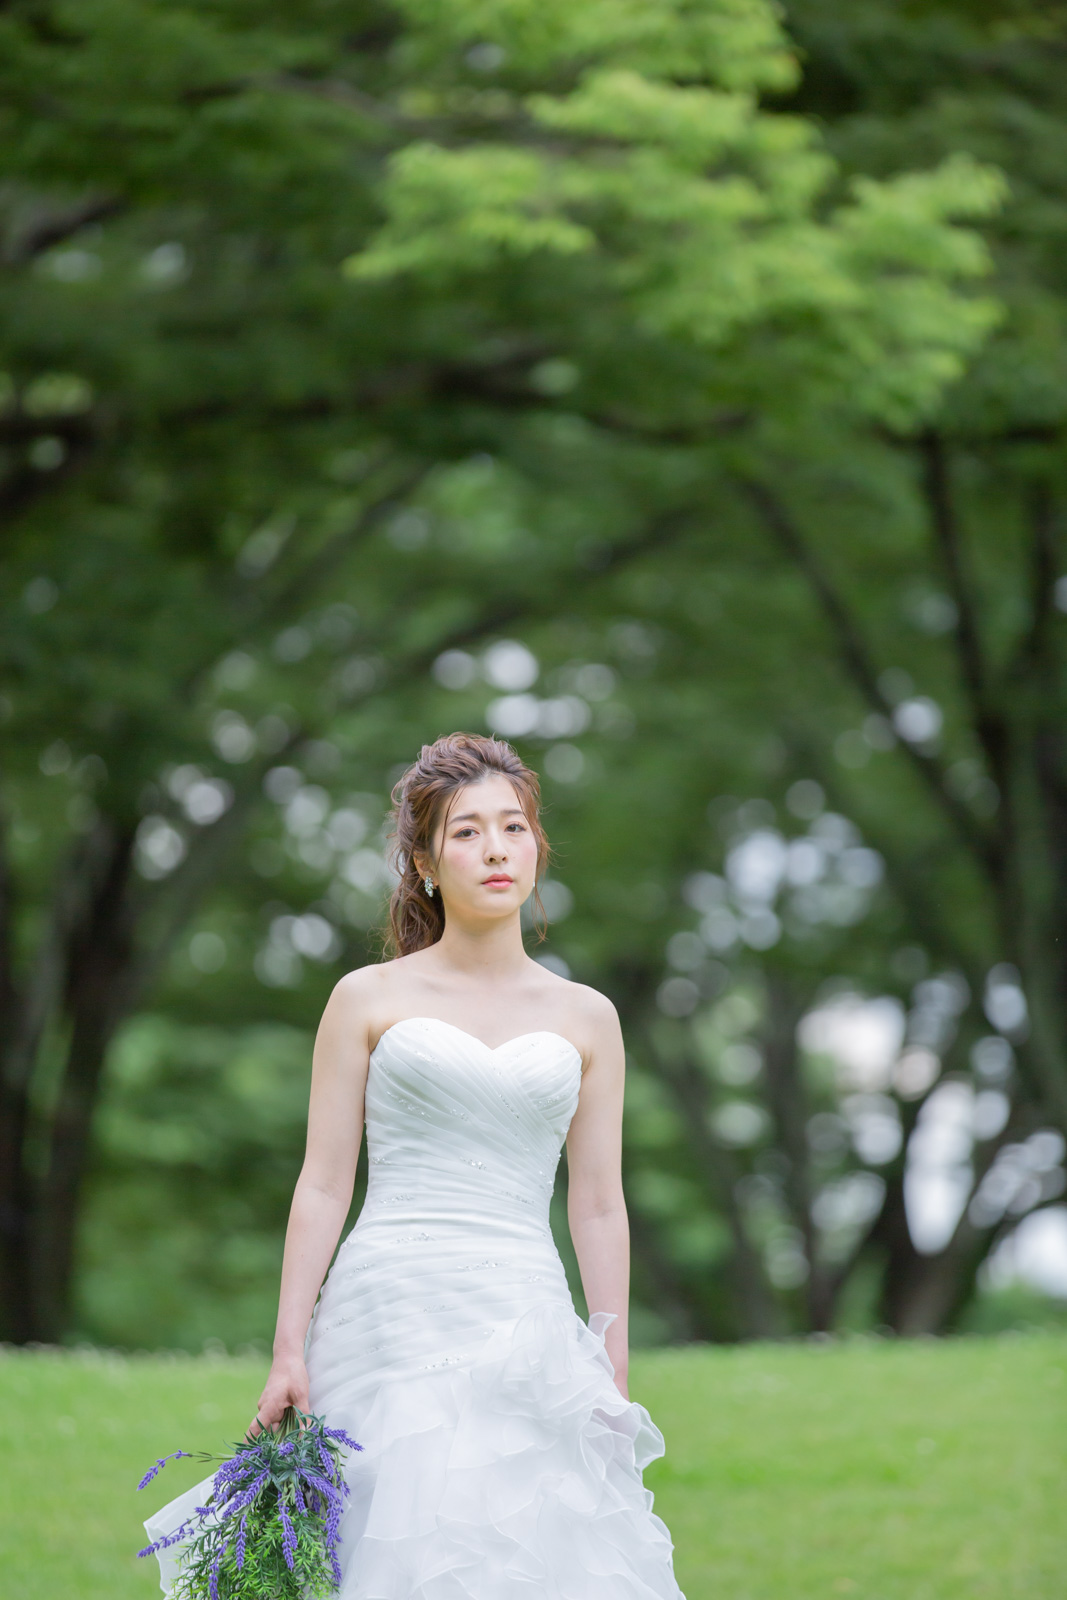 glry_yasoen-08